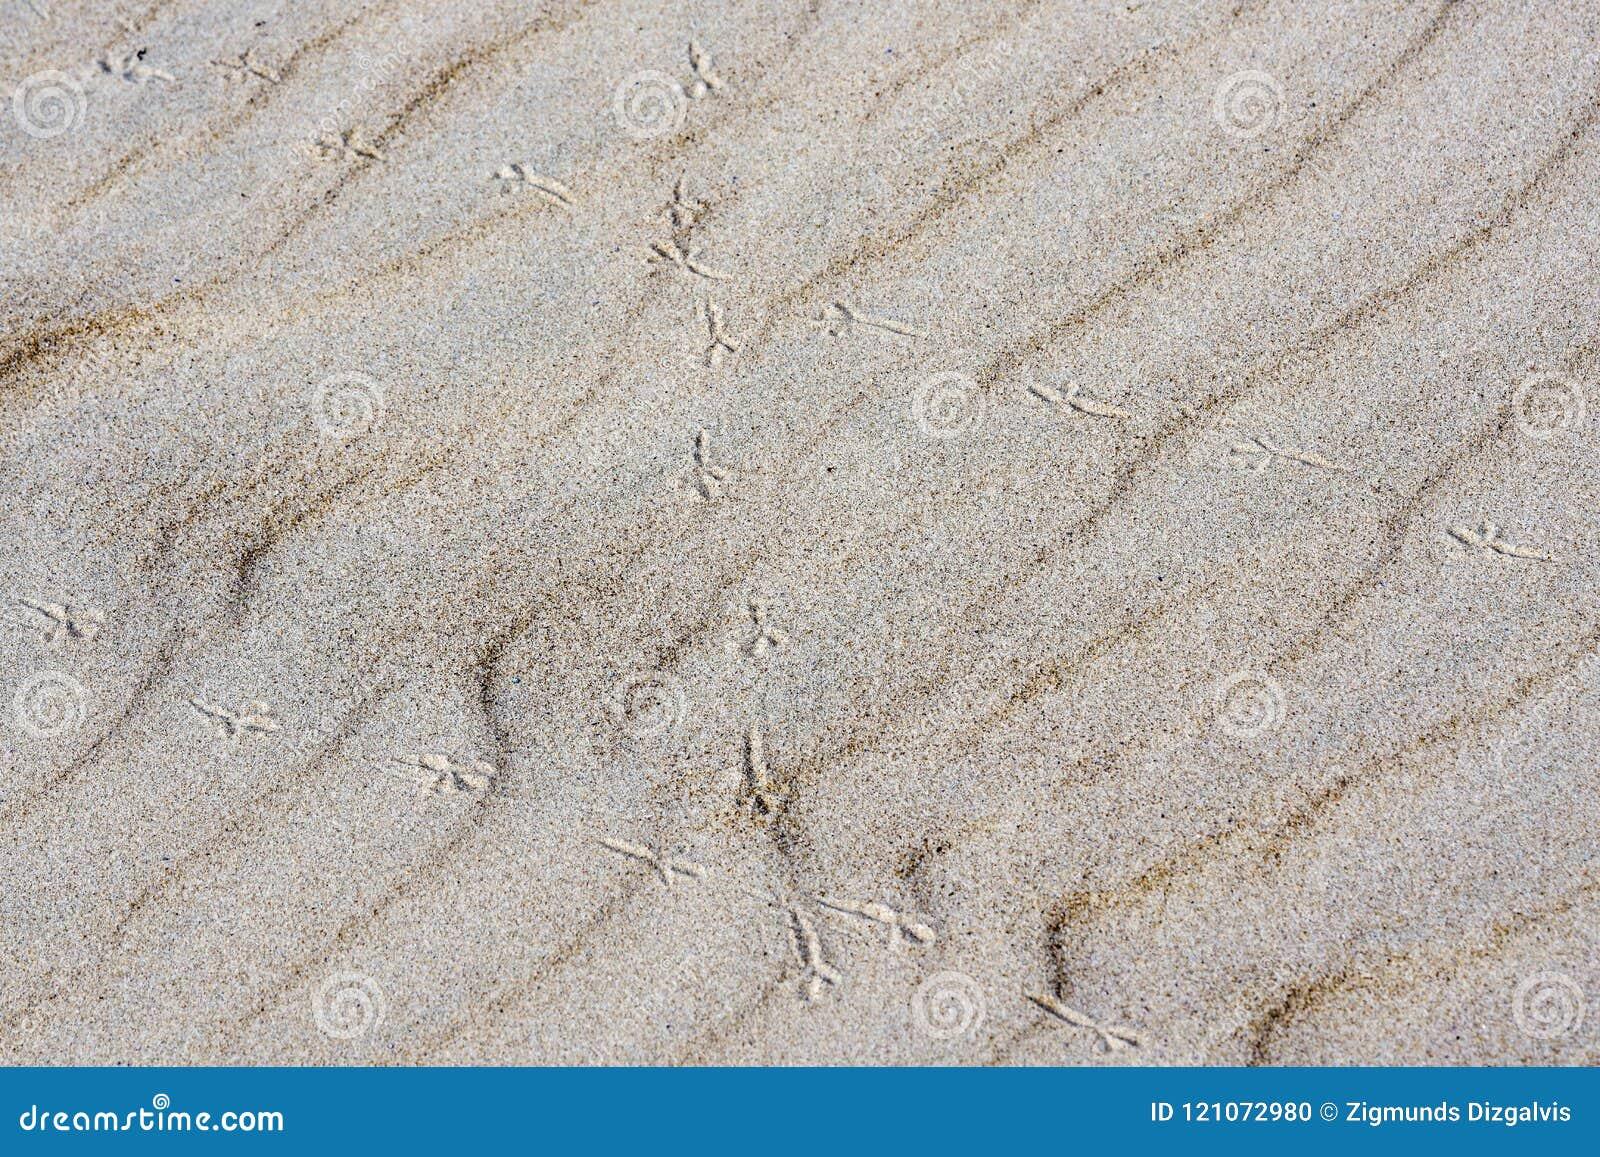 Hintergrund des Sandes, Wind bildete Entlastung, Vogelabdrücke